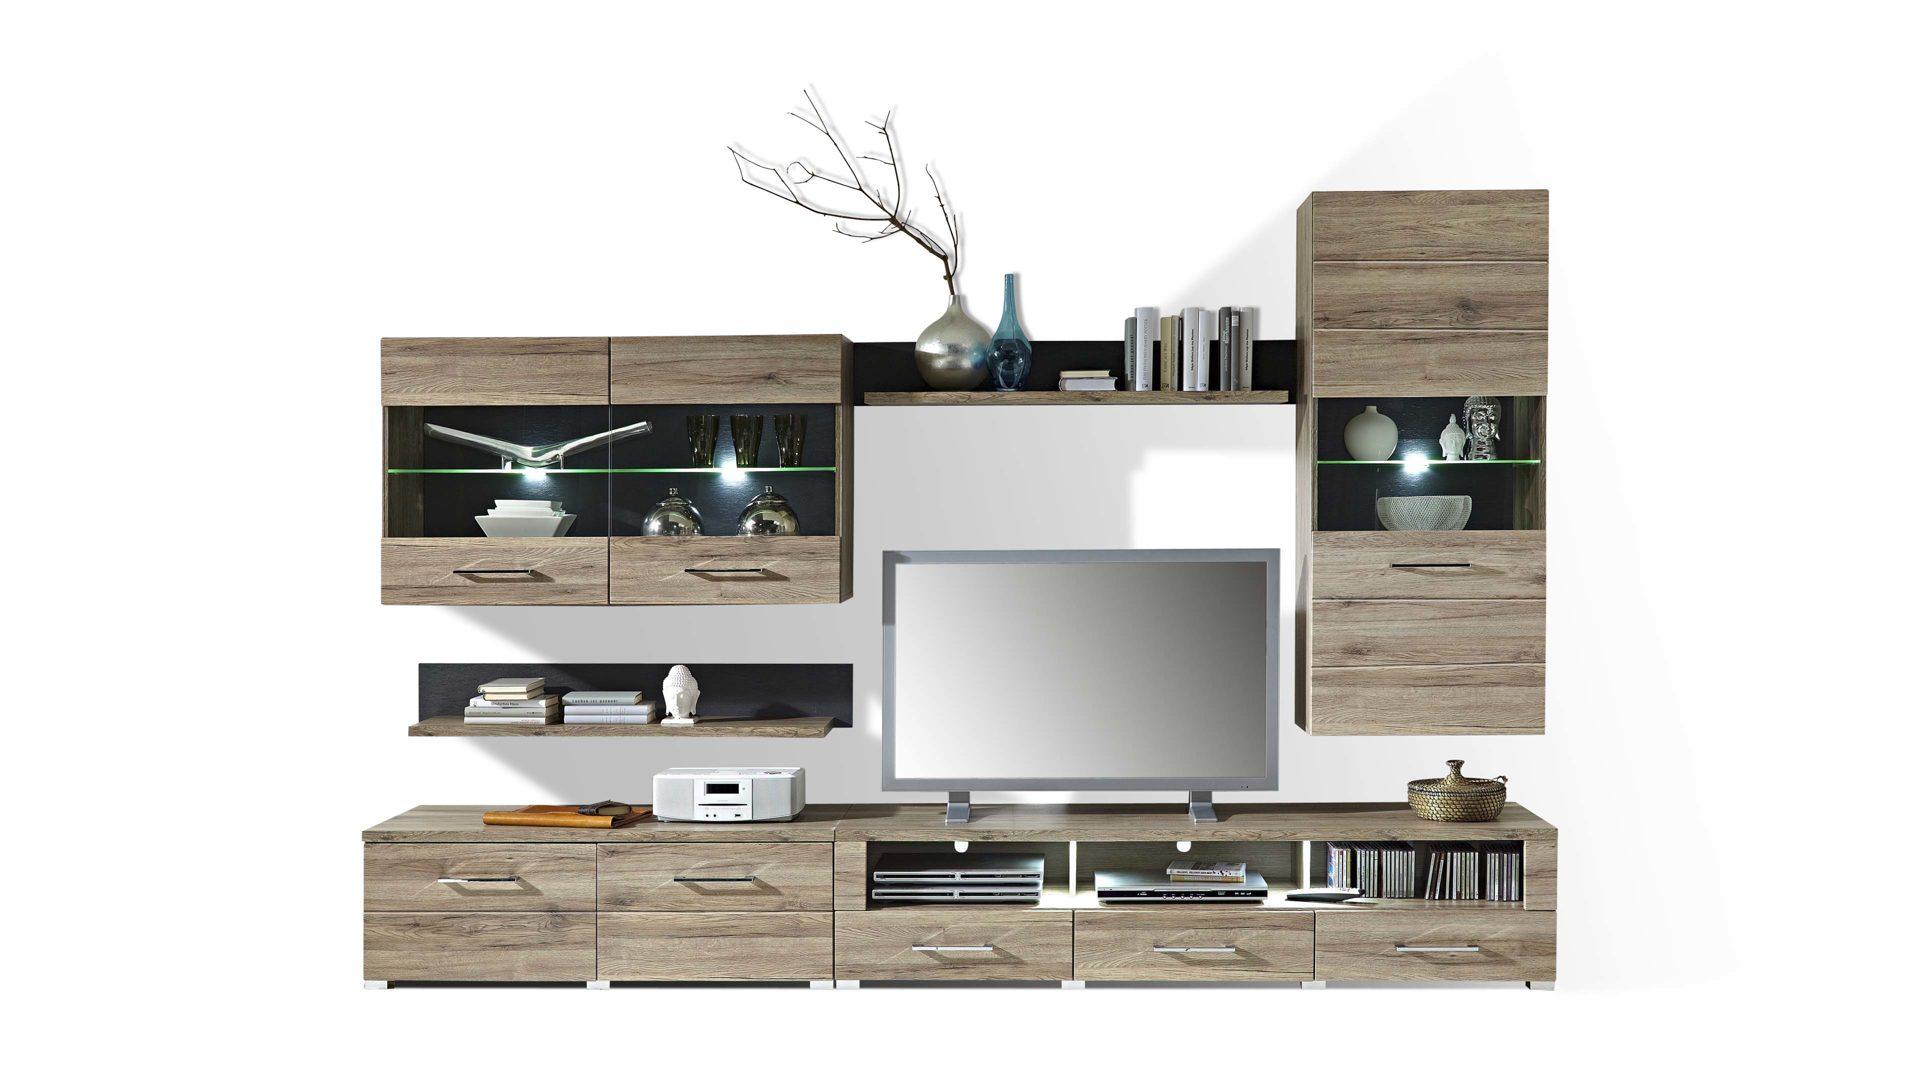 trop mobelabholmarkt gmbh moderne wohnwand mit vitrinen und tv tv mobel buche tv mobel holz massiv brocelande ii